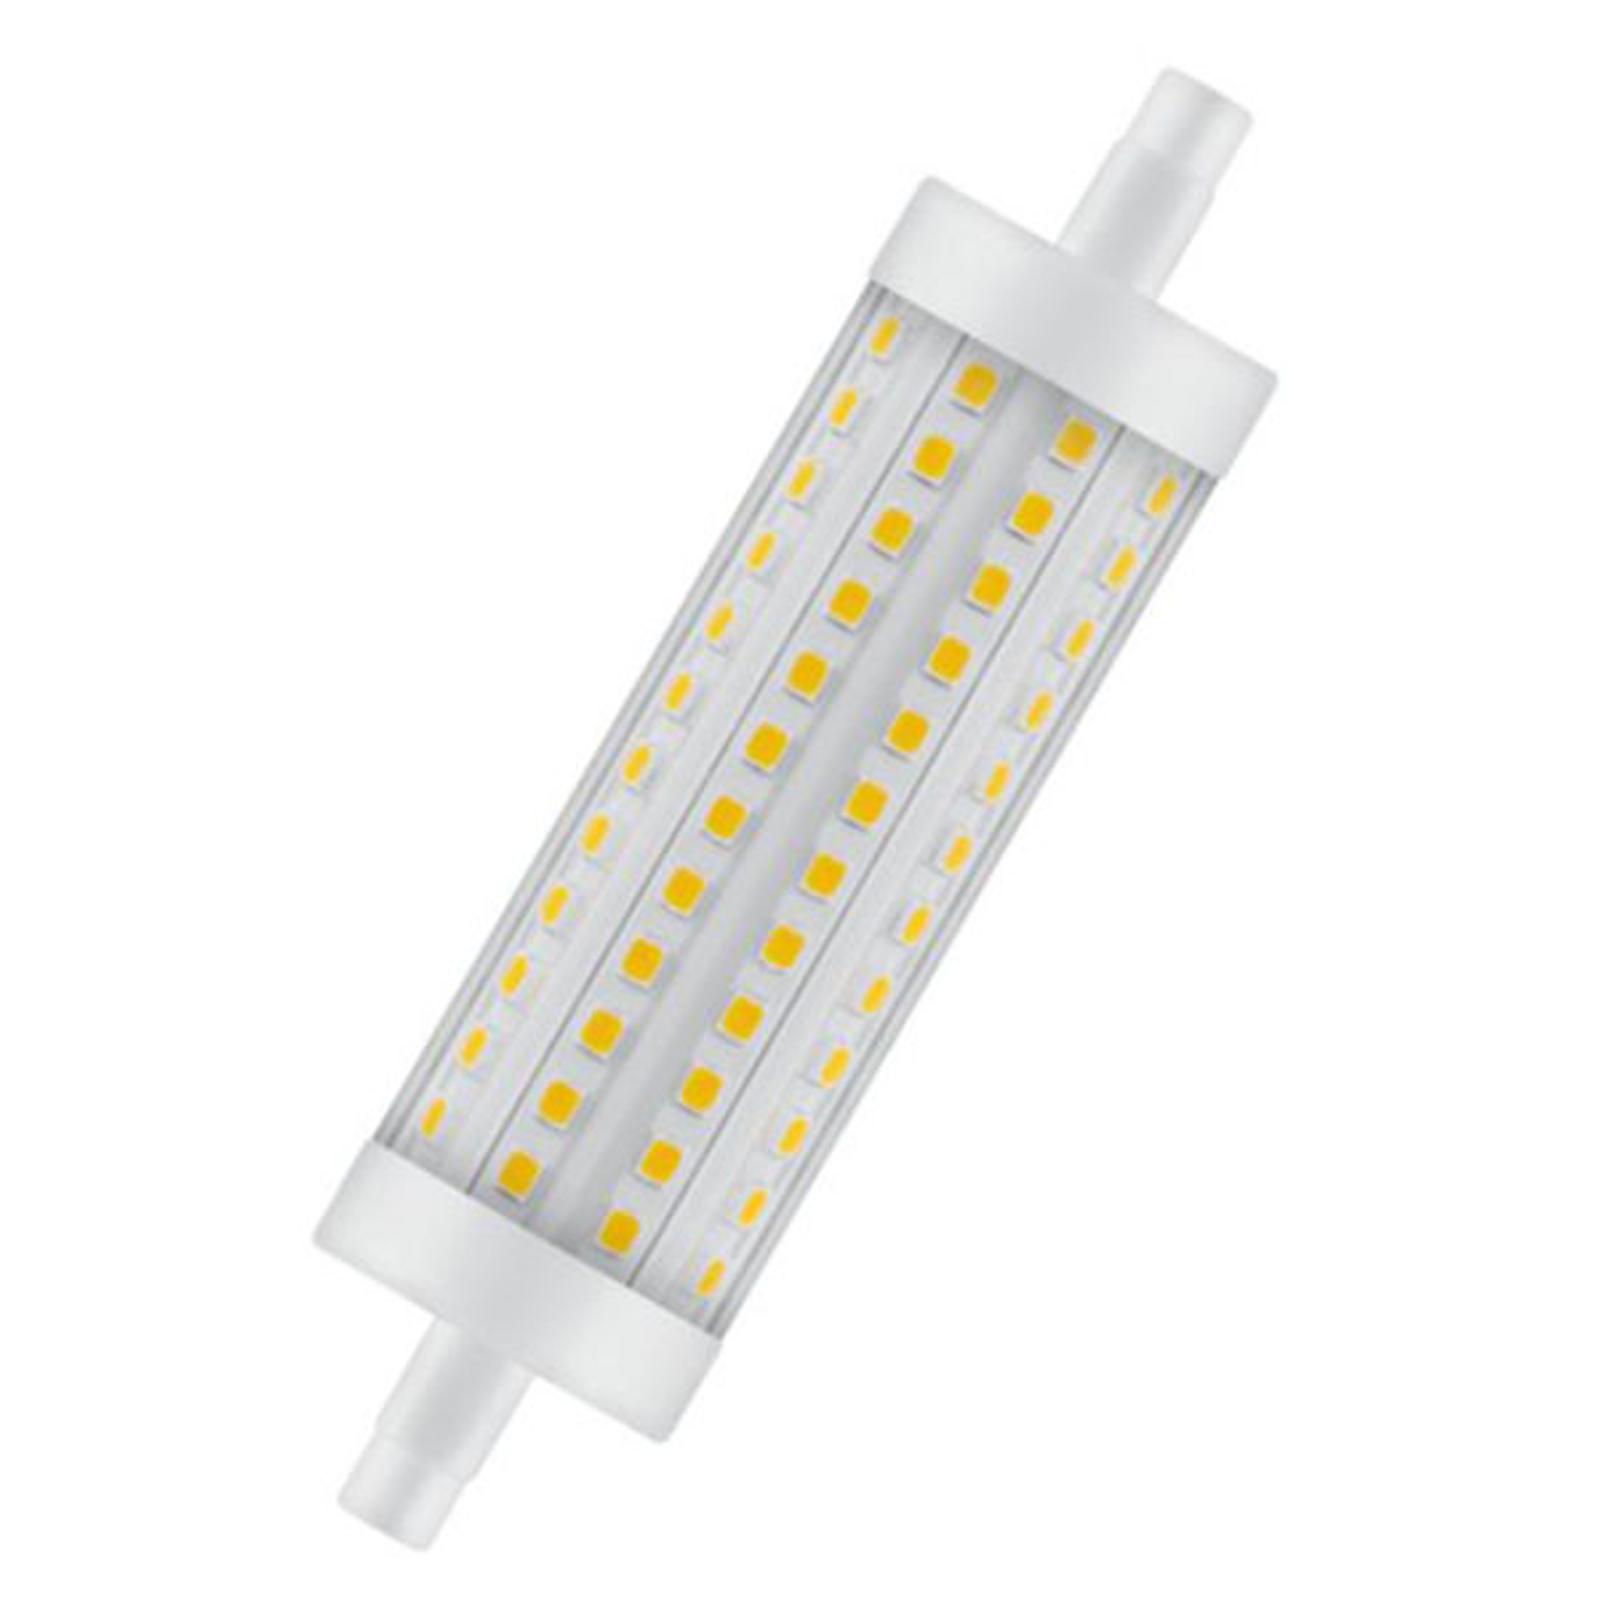 OSRAM ampoule LED R7s 12,5W 2700K